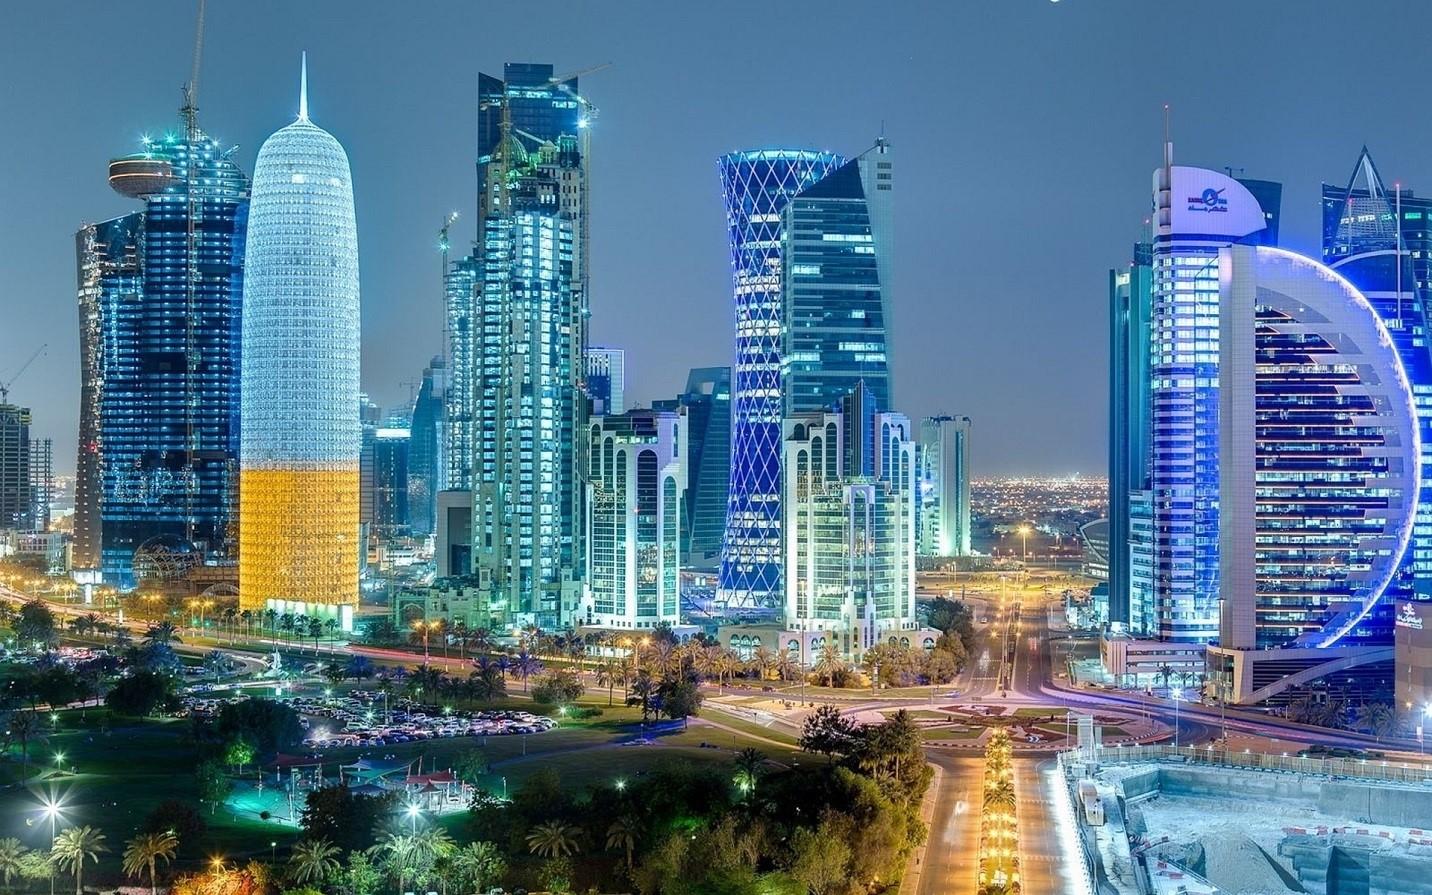 للعام السابع على التوالي … دخل الفرد في قطر الأعلى في العالم